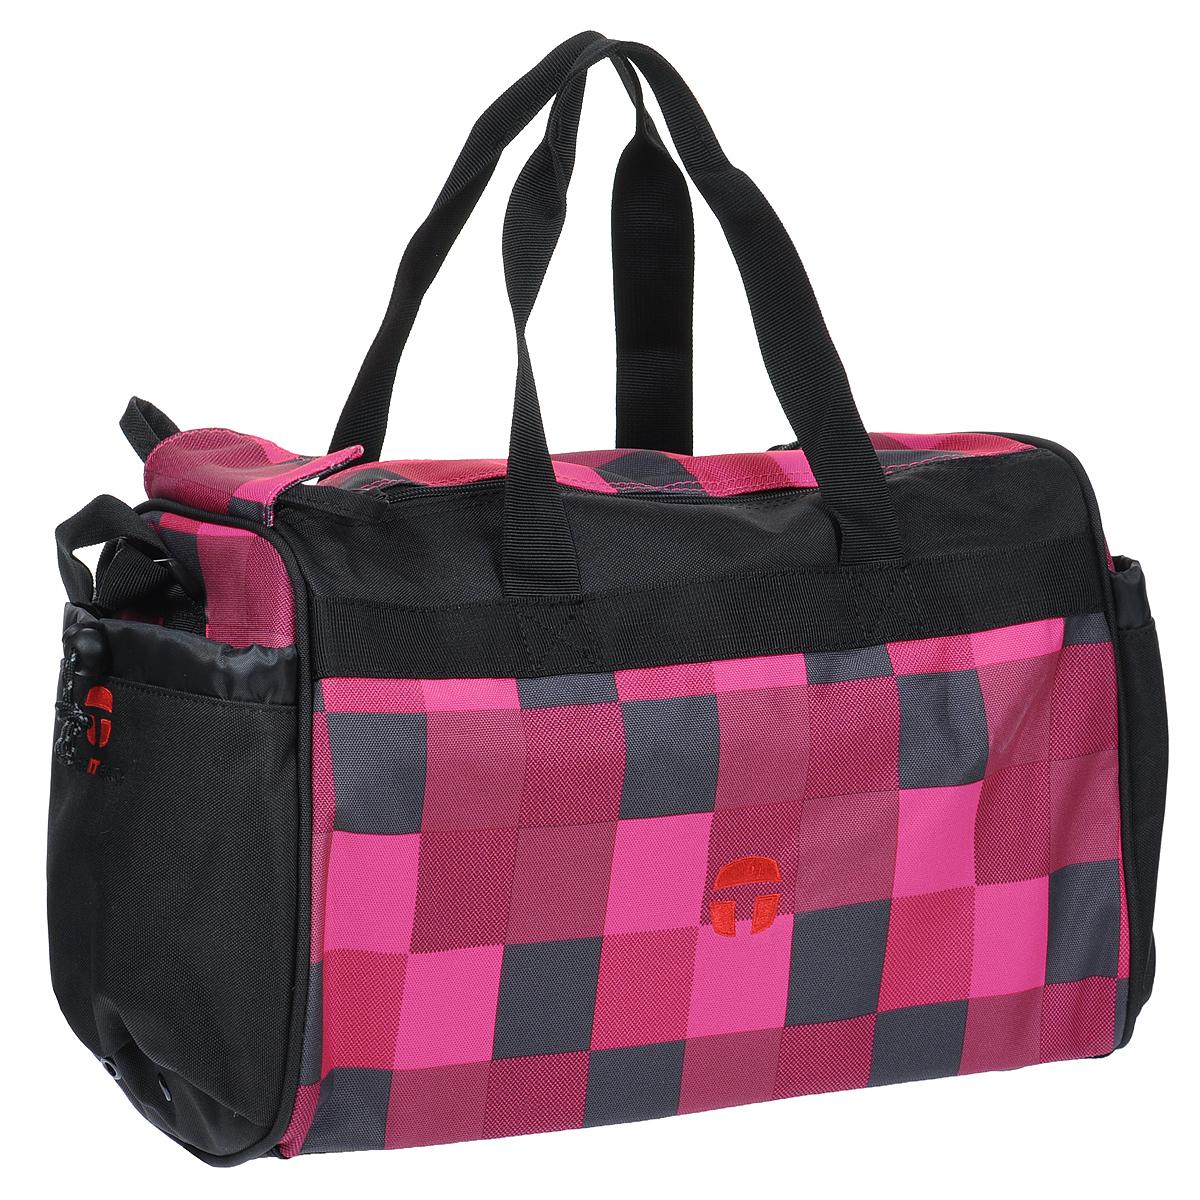 Сумка спортивная детская Take It Easy Огонь, цвет: черный, розовый28407481209Спортивная сумка Take It Easy Огонь выполнена из высококачественного материала черного и розового цветов, оформлена небольшой вышивкой. Сумка состоит из одного вместительного отделения, закрывающегося на две застежки-молнии и липучку. Бегунки на застежках соединены текстильным шнурком. На внешней стороне сумки расположен объемный втачной карман для обуви, закрывающийся на застежку-молнию. По бокам находятся два накладных кармана, затягивающиеся сверху текстильными шнурками с фиксаторами. Спортивная сумка оснащена двумя текстильными ручками для переноски в руке и плечевым ремнем, регулируемым по длине. На дне сумки расположены четыре широкие пластиковые ножки, которые защитят ее от грязи и продлят срок службы.